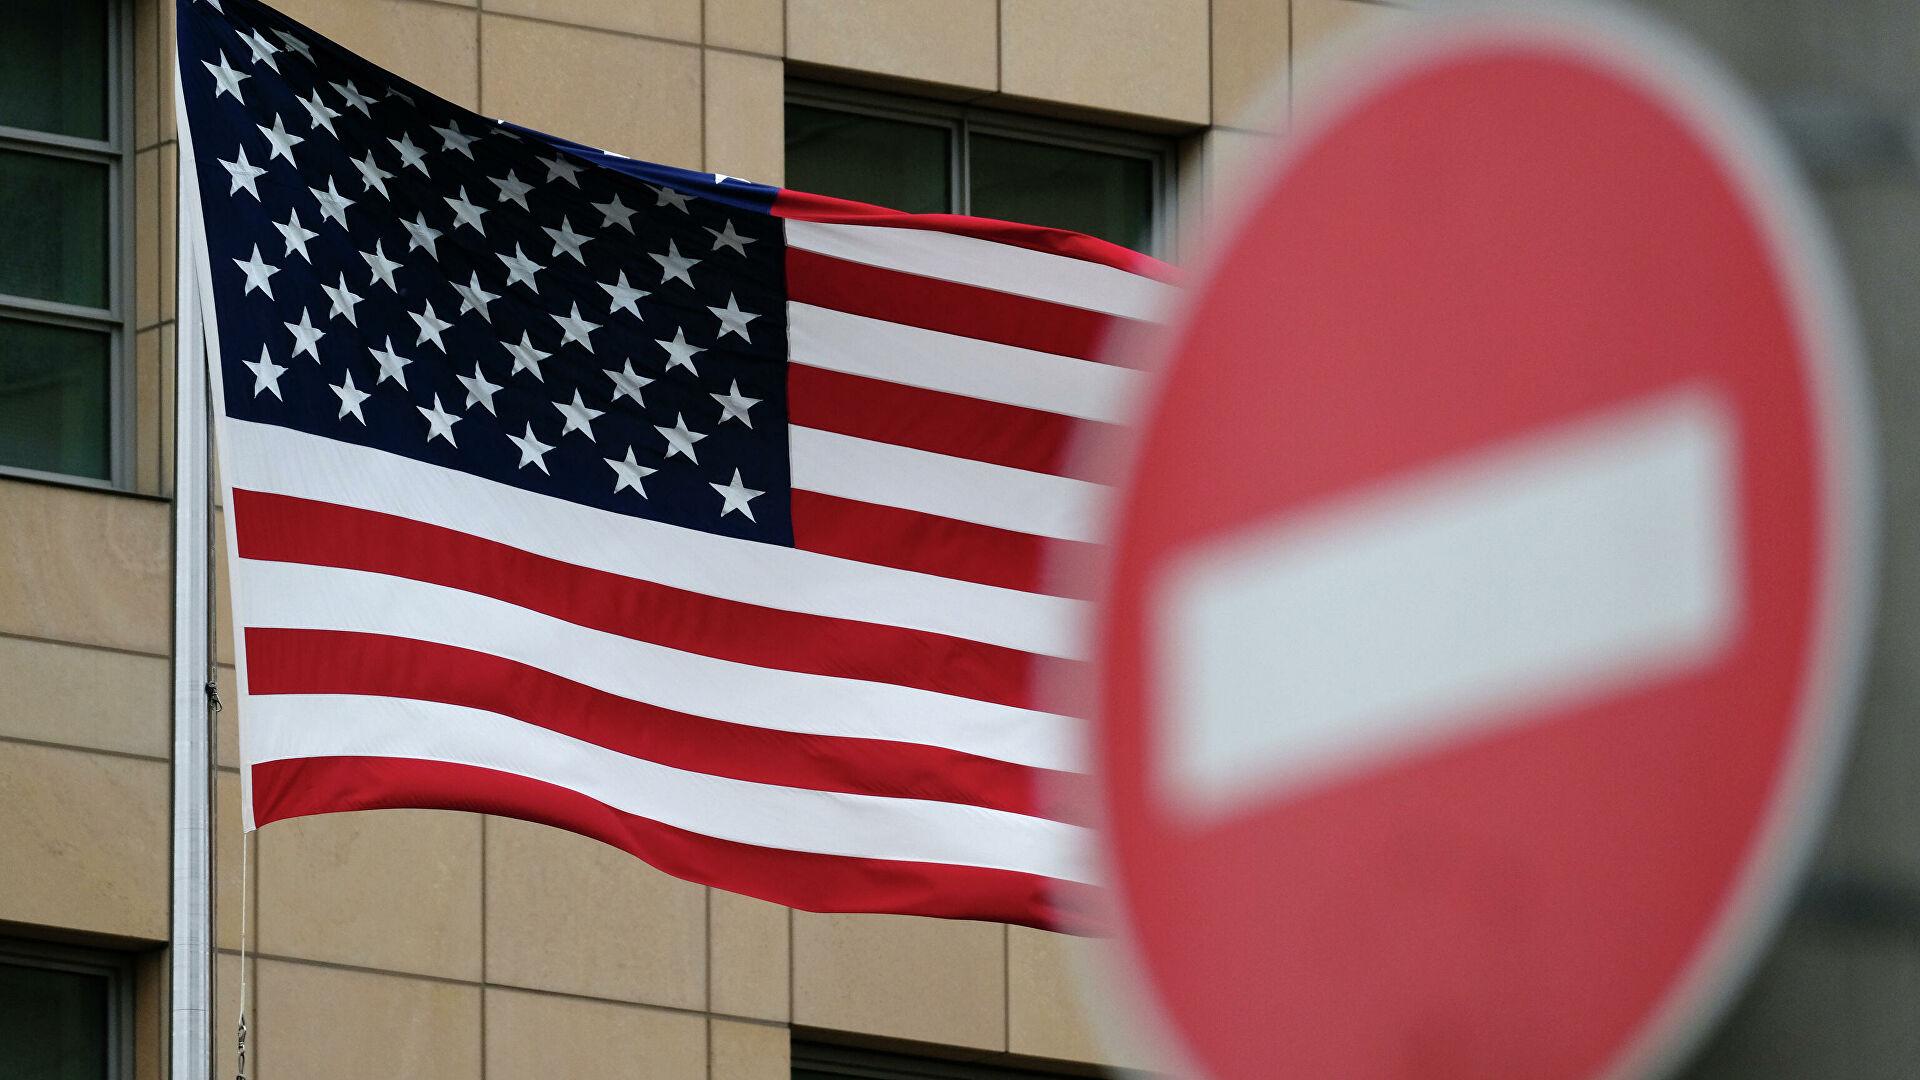 САД: Одговорићемо на серију дестабилизирајућих акција Русије